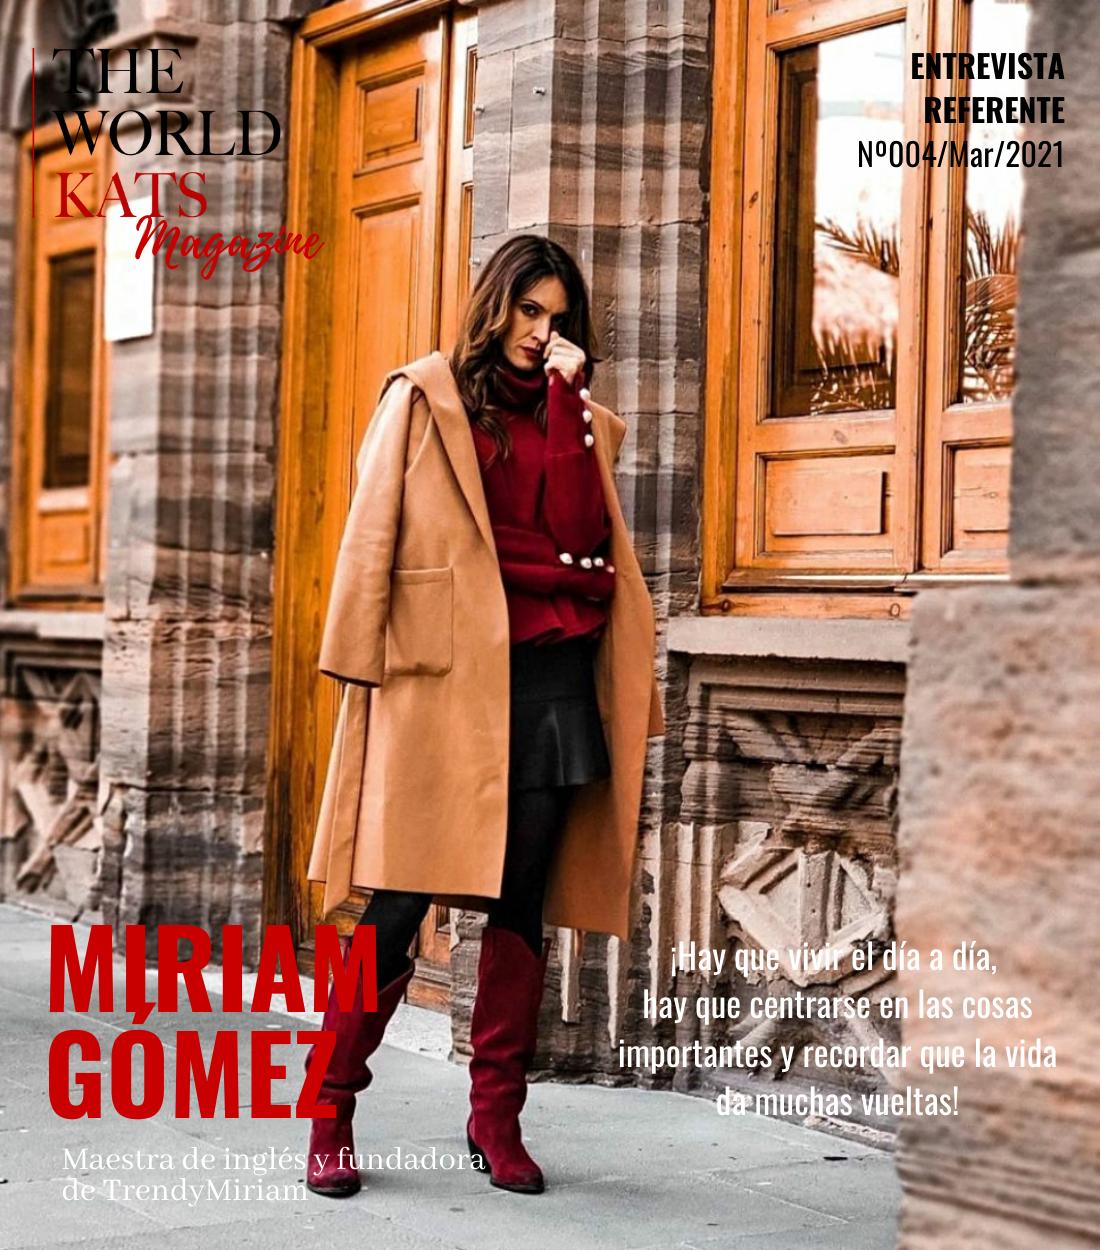 Entrevista a la influencers Miriam Gómez